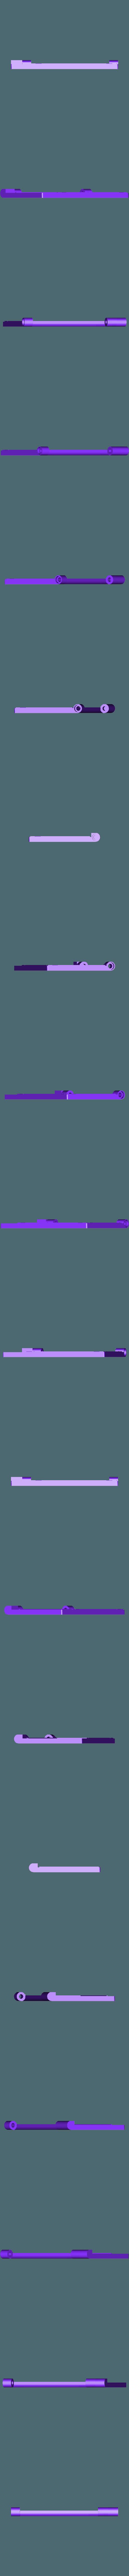 pokedex_adjusted2_Base_1_1.stl Télécharger fichier STL gratuit Pokedex • Modèle pour impression 3D, reakain